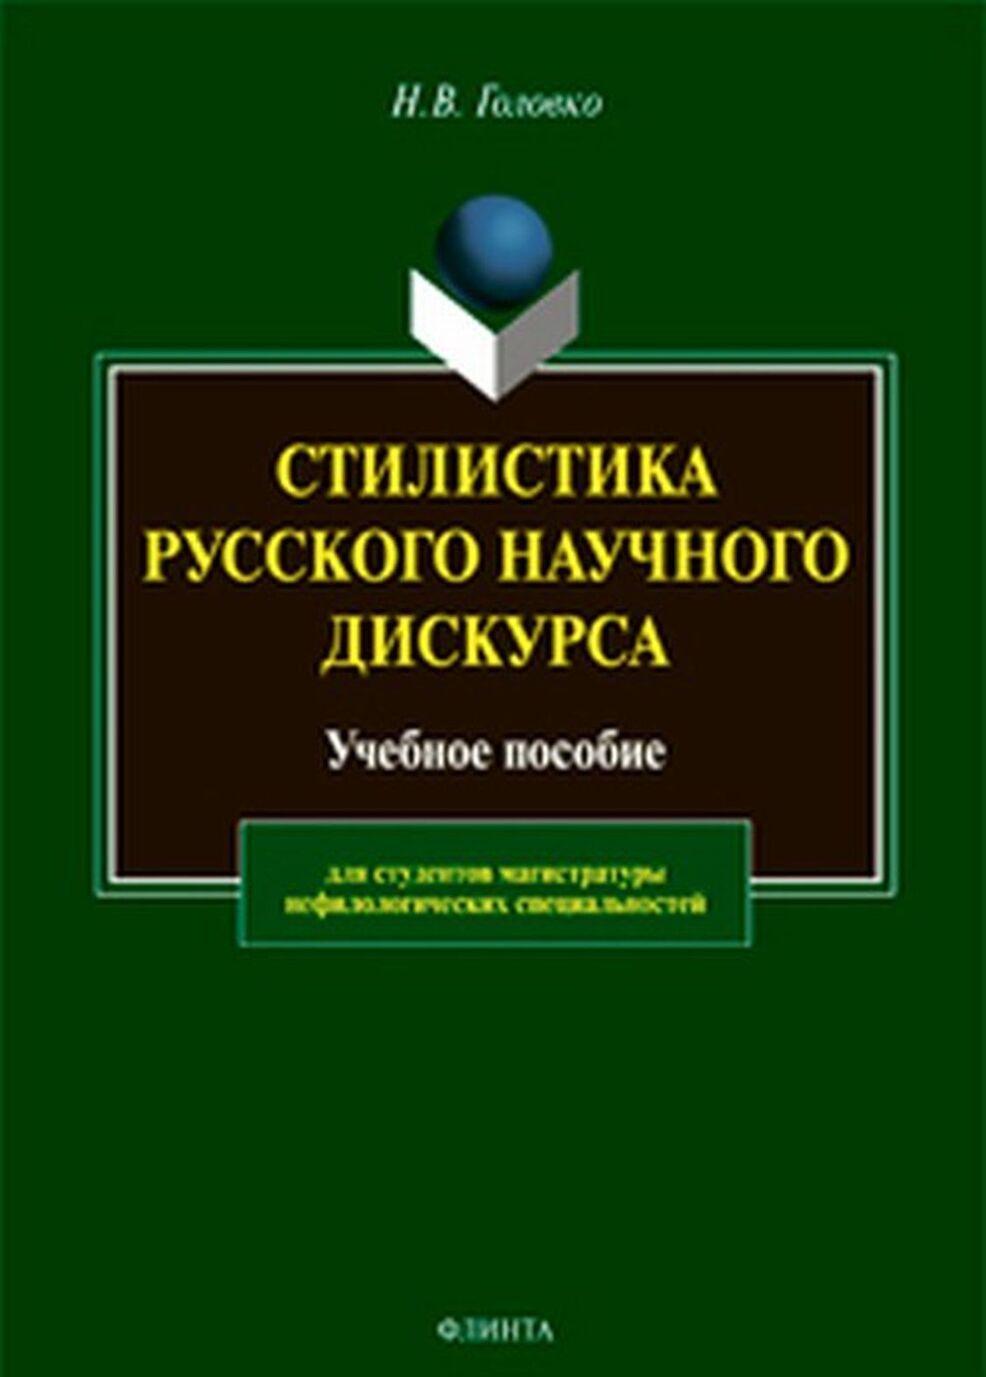 Stilistika russkogo nauchnogo diskursa. Uchebnoe posobie